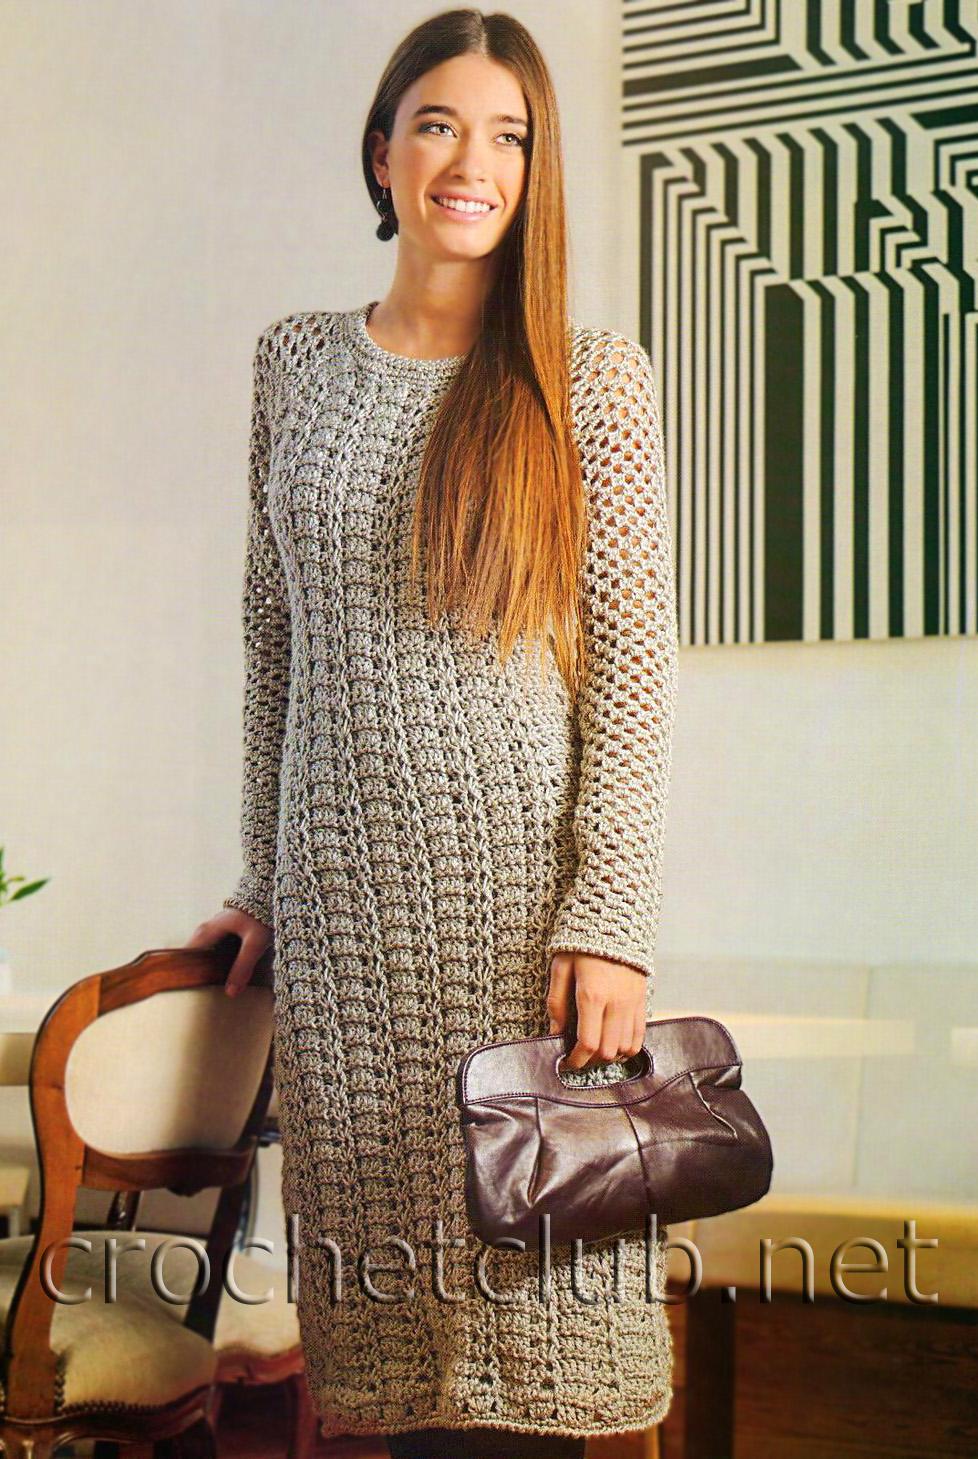 Элегантное платье. ПЛОТНОСТЬ ВЯЗАНИЯ.